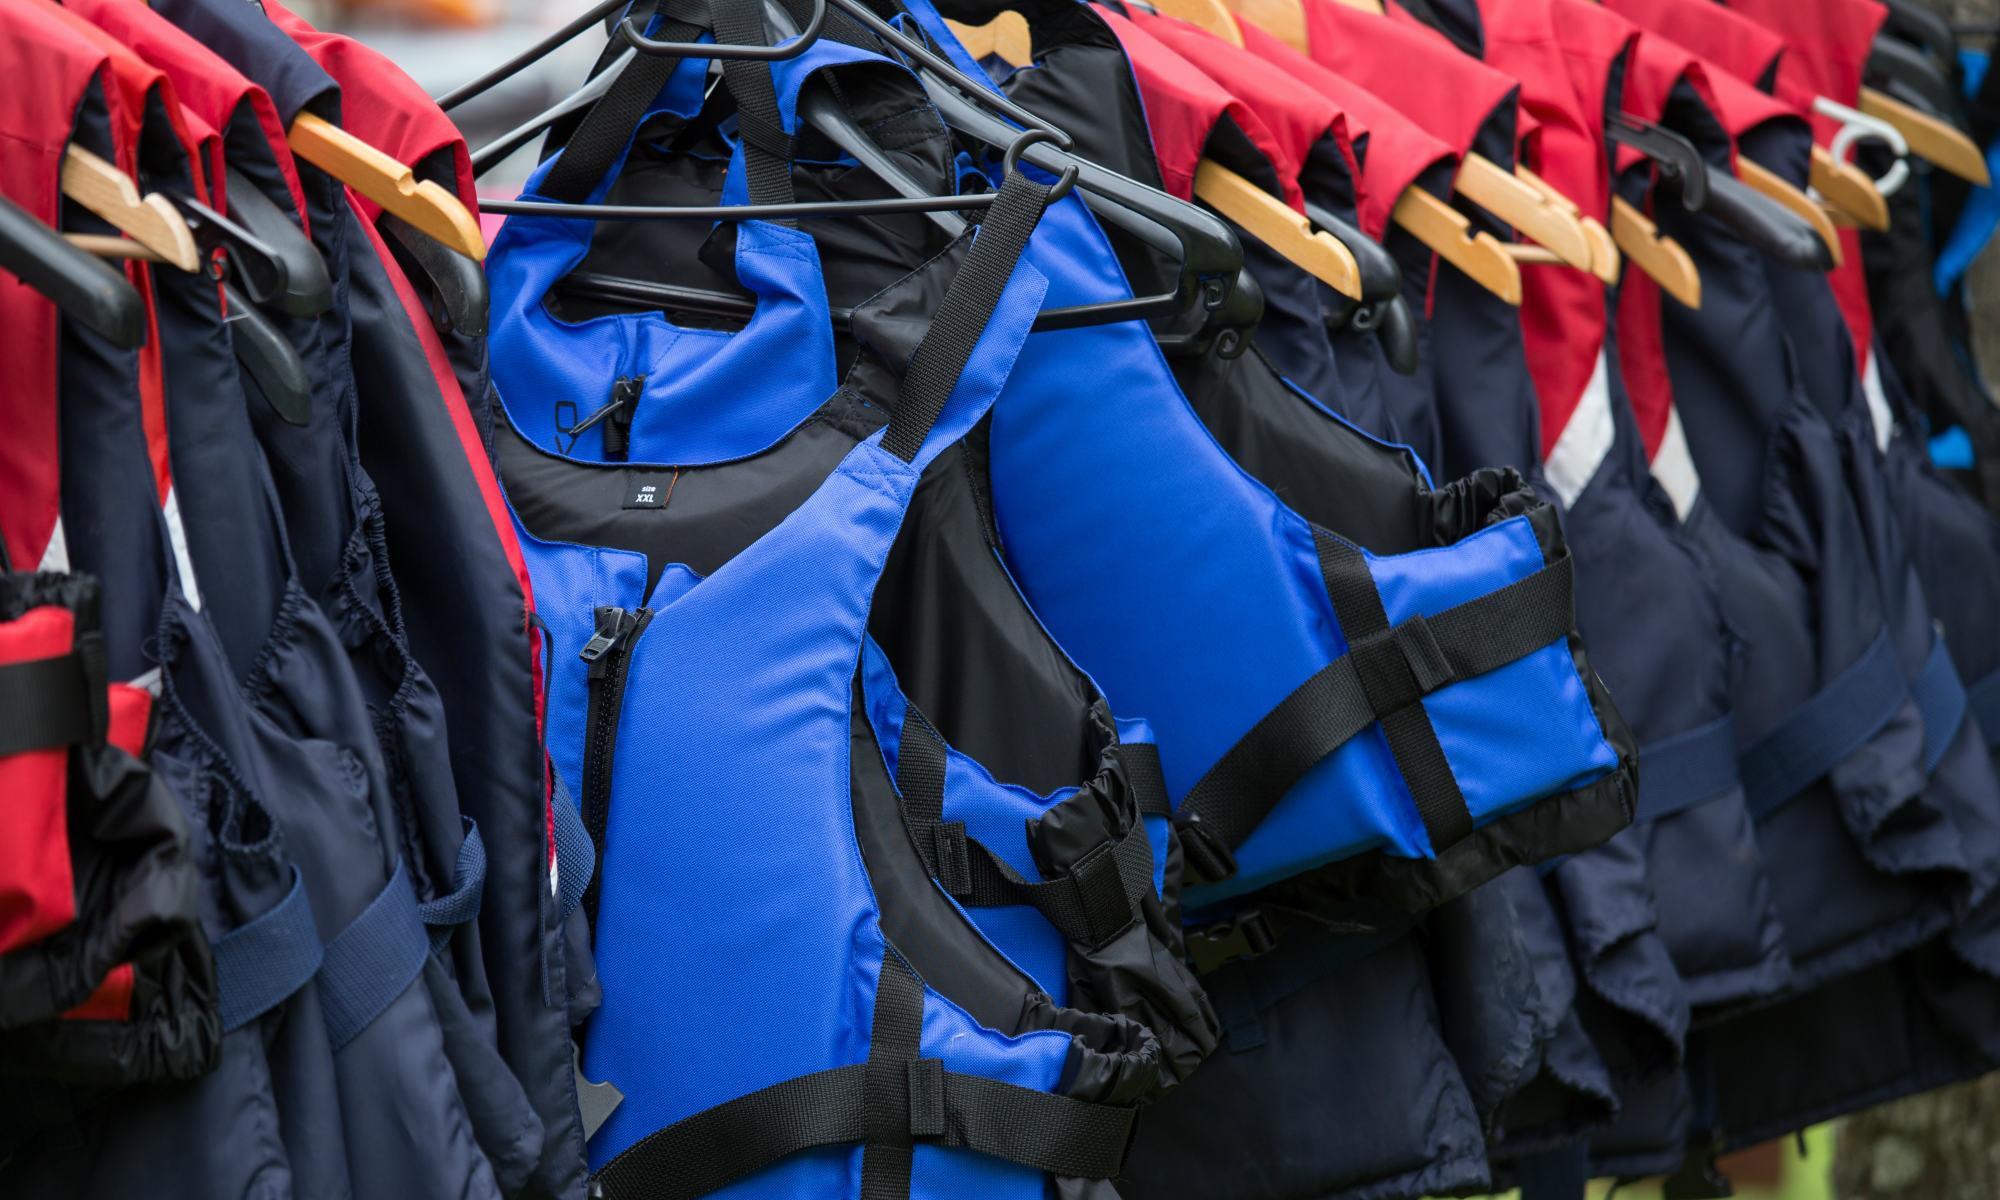 Schwimmwesten in unterschiedlichen Farben und Größen hängen auf einer Kleiderstange.